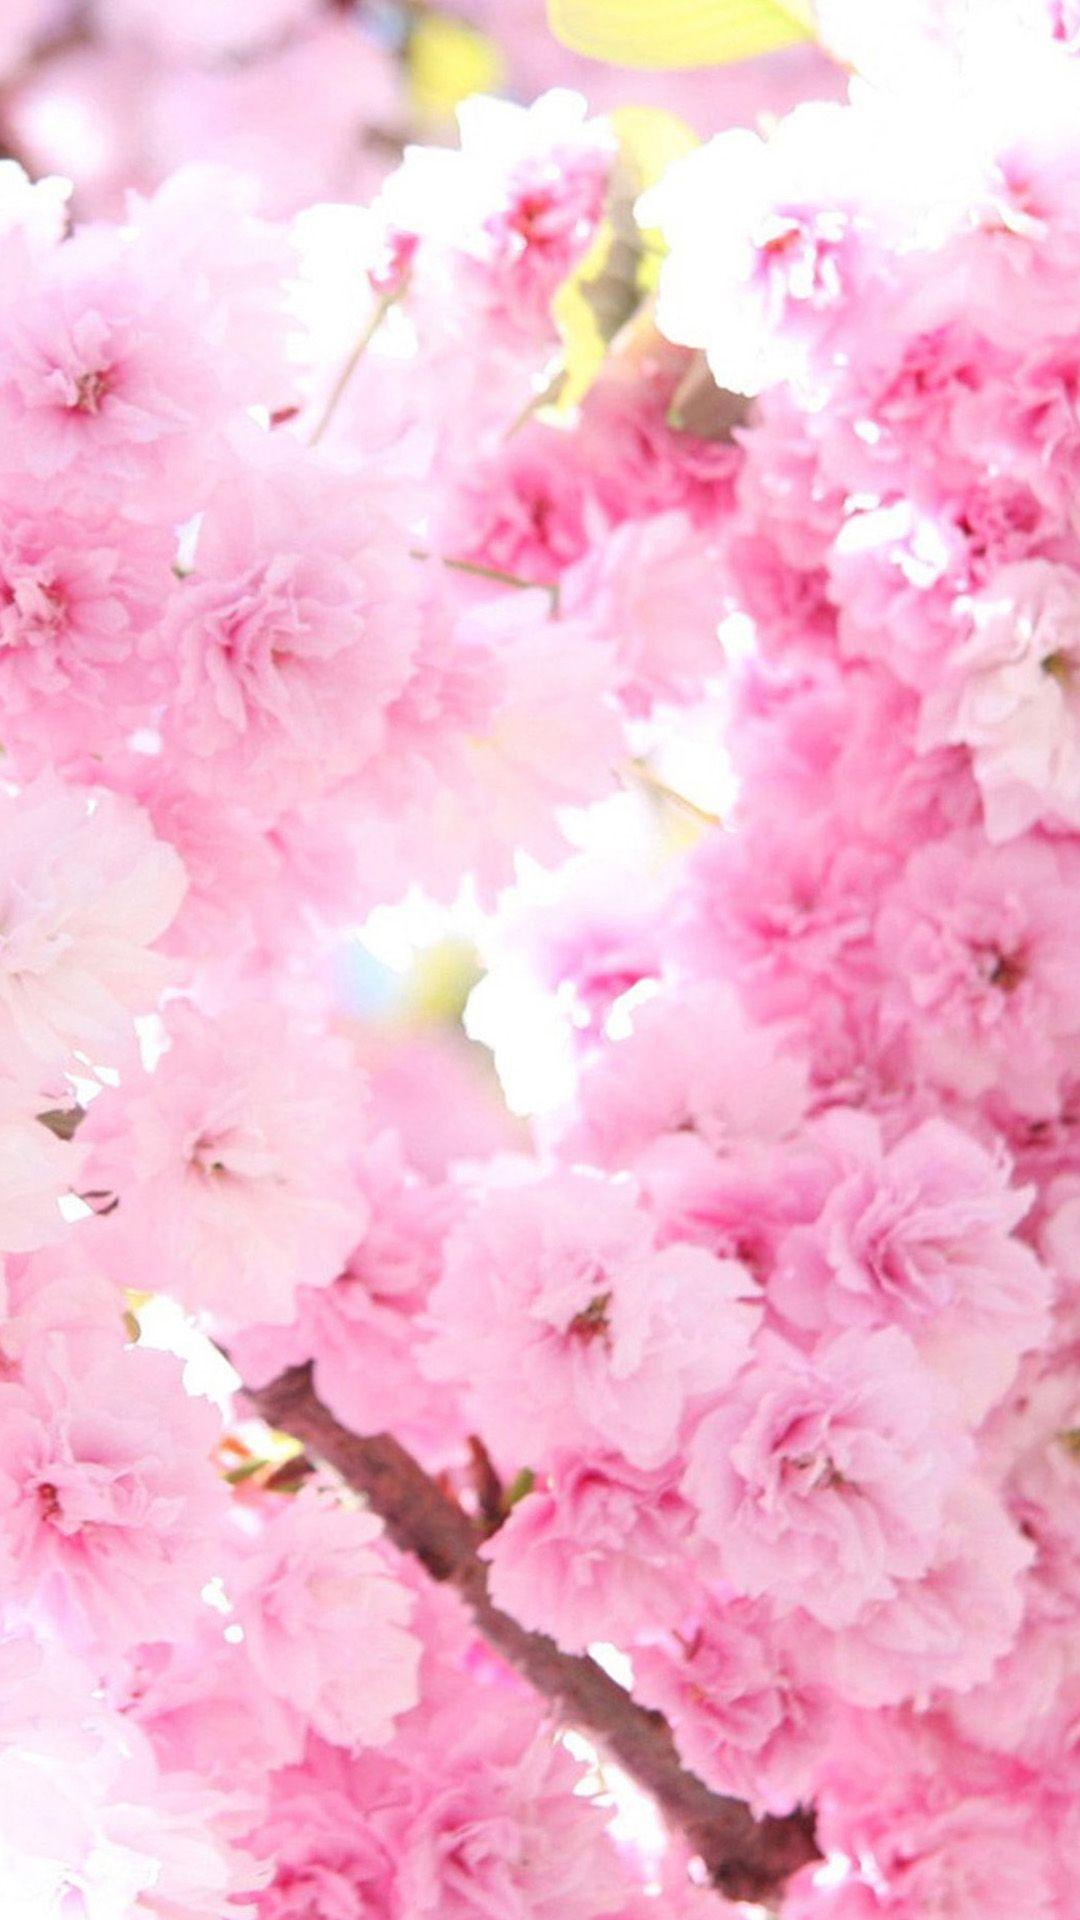 人気75位 鮮やかなピンクの桜の花 桜の花 Iphone 用壁紙 桜 壁紙